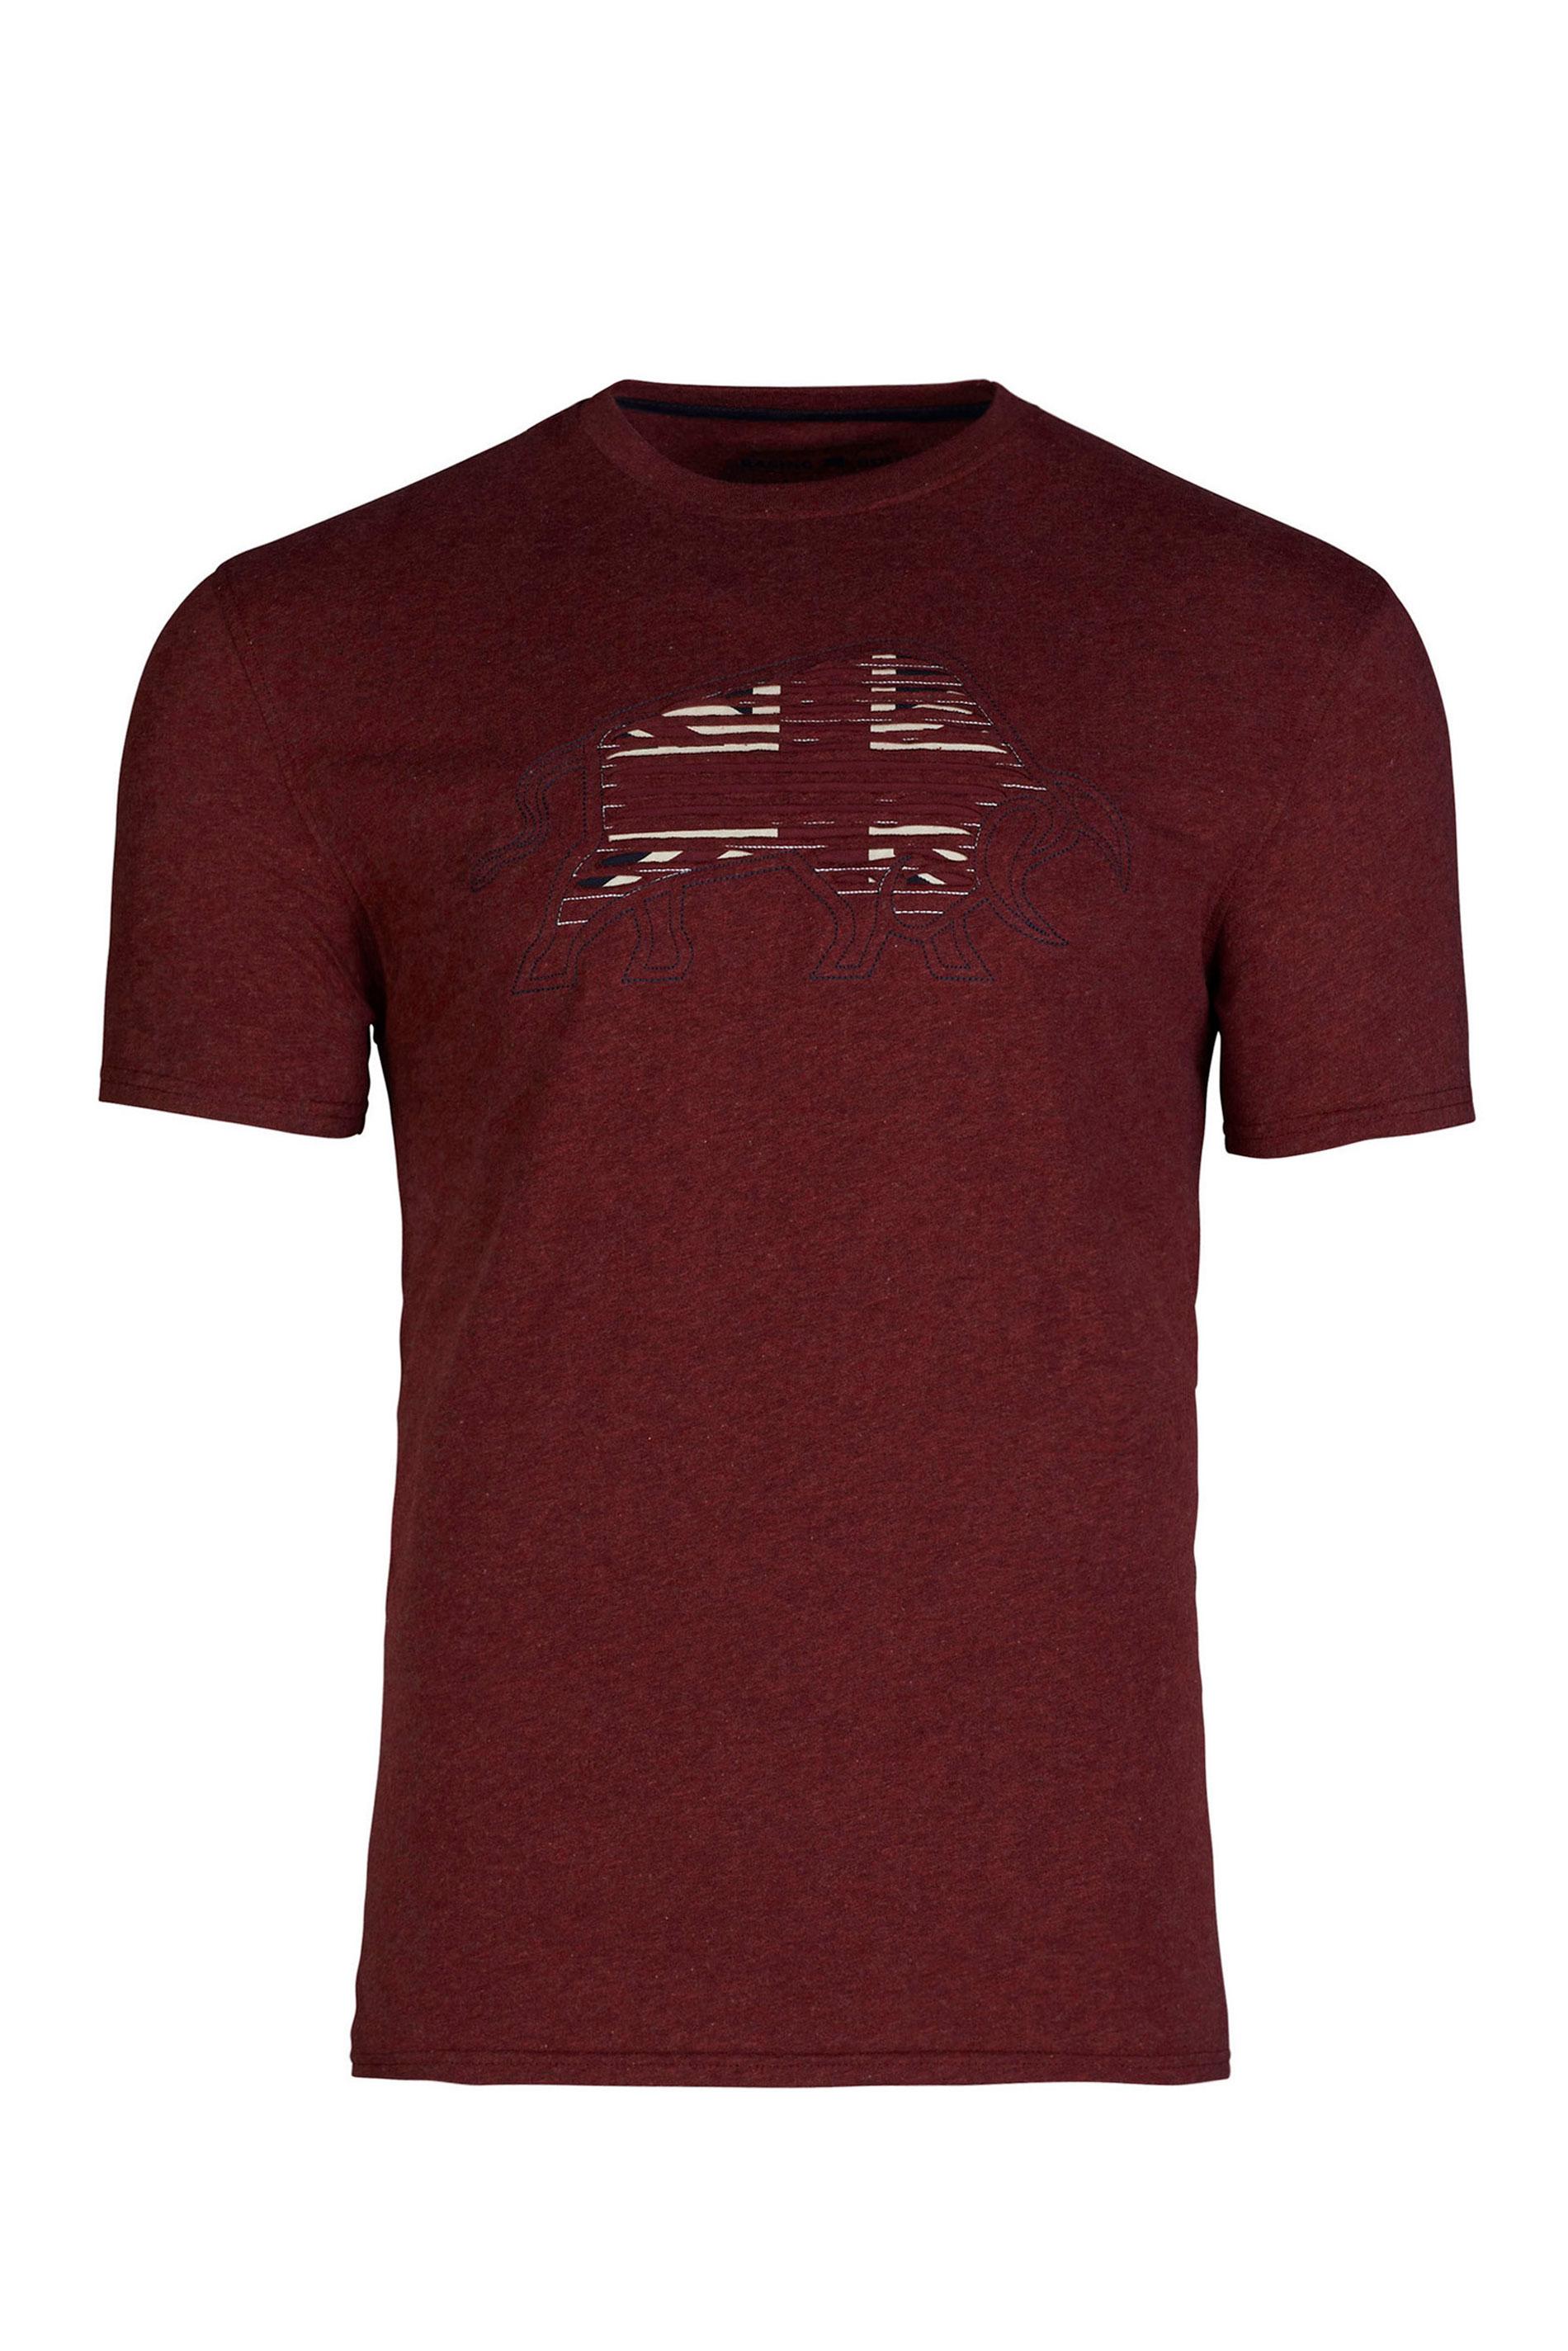 RAGING BULL Red Slash Bull T-Shirt_F.jpg